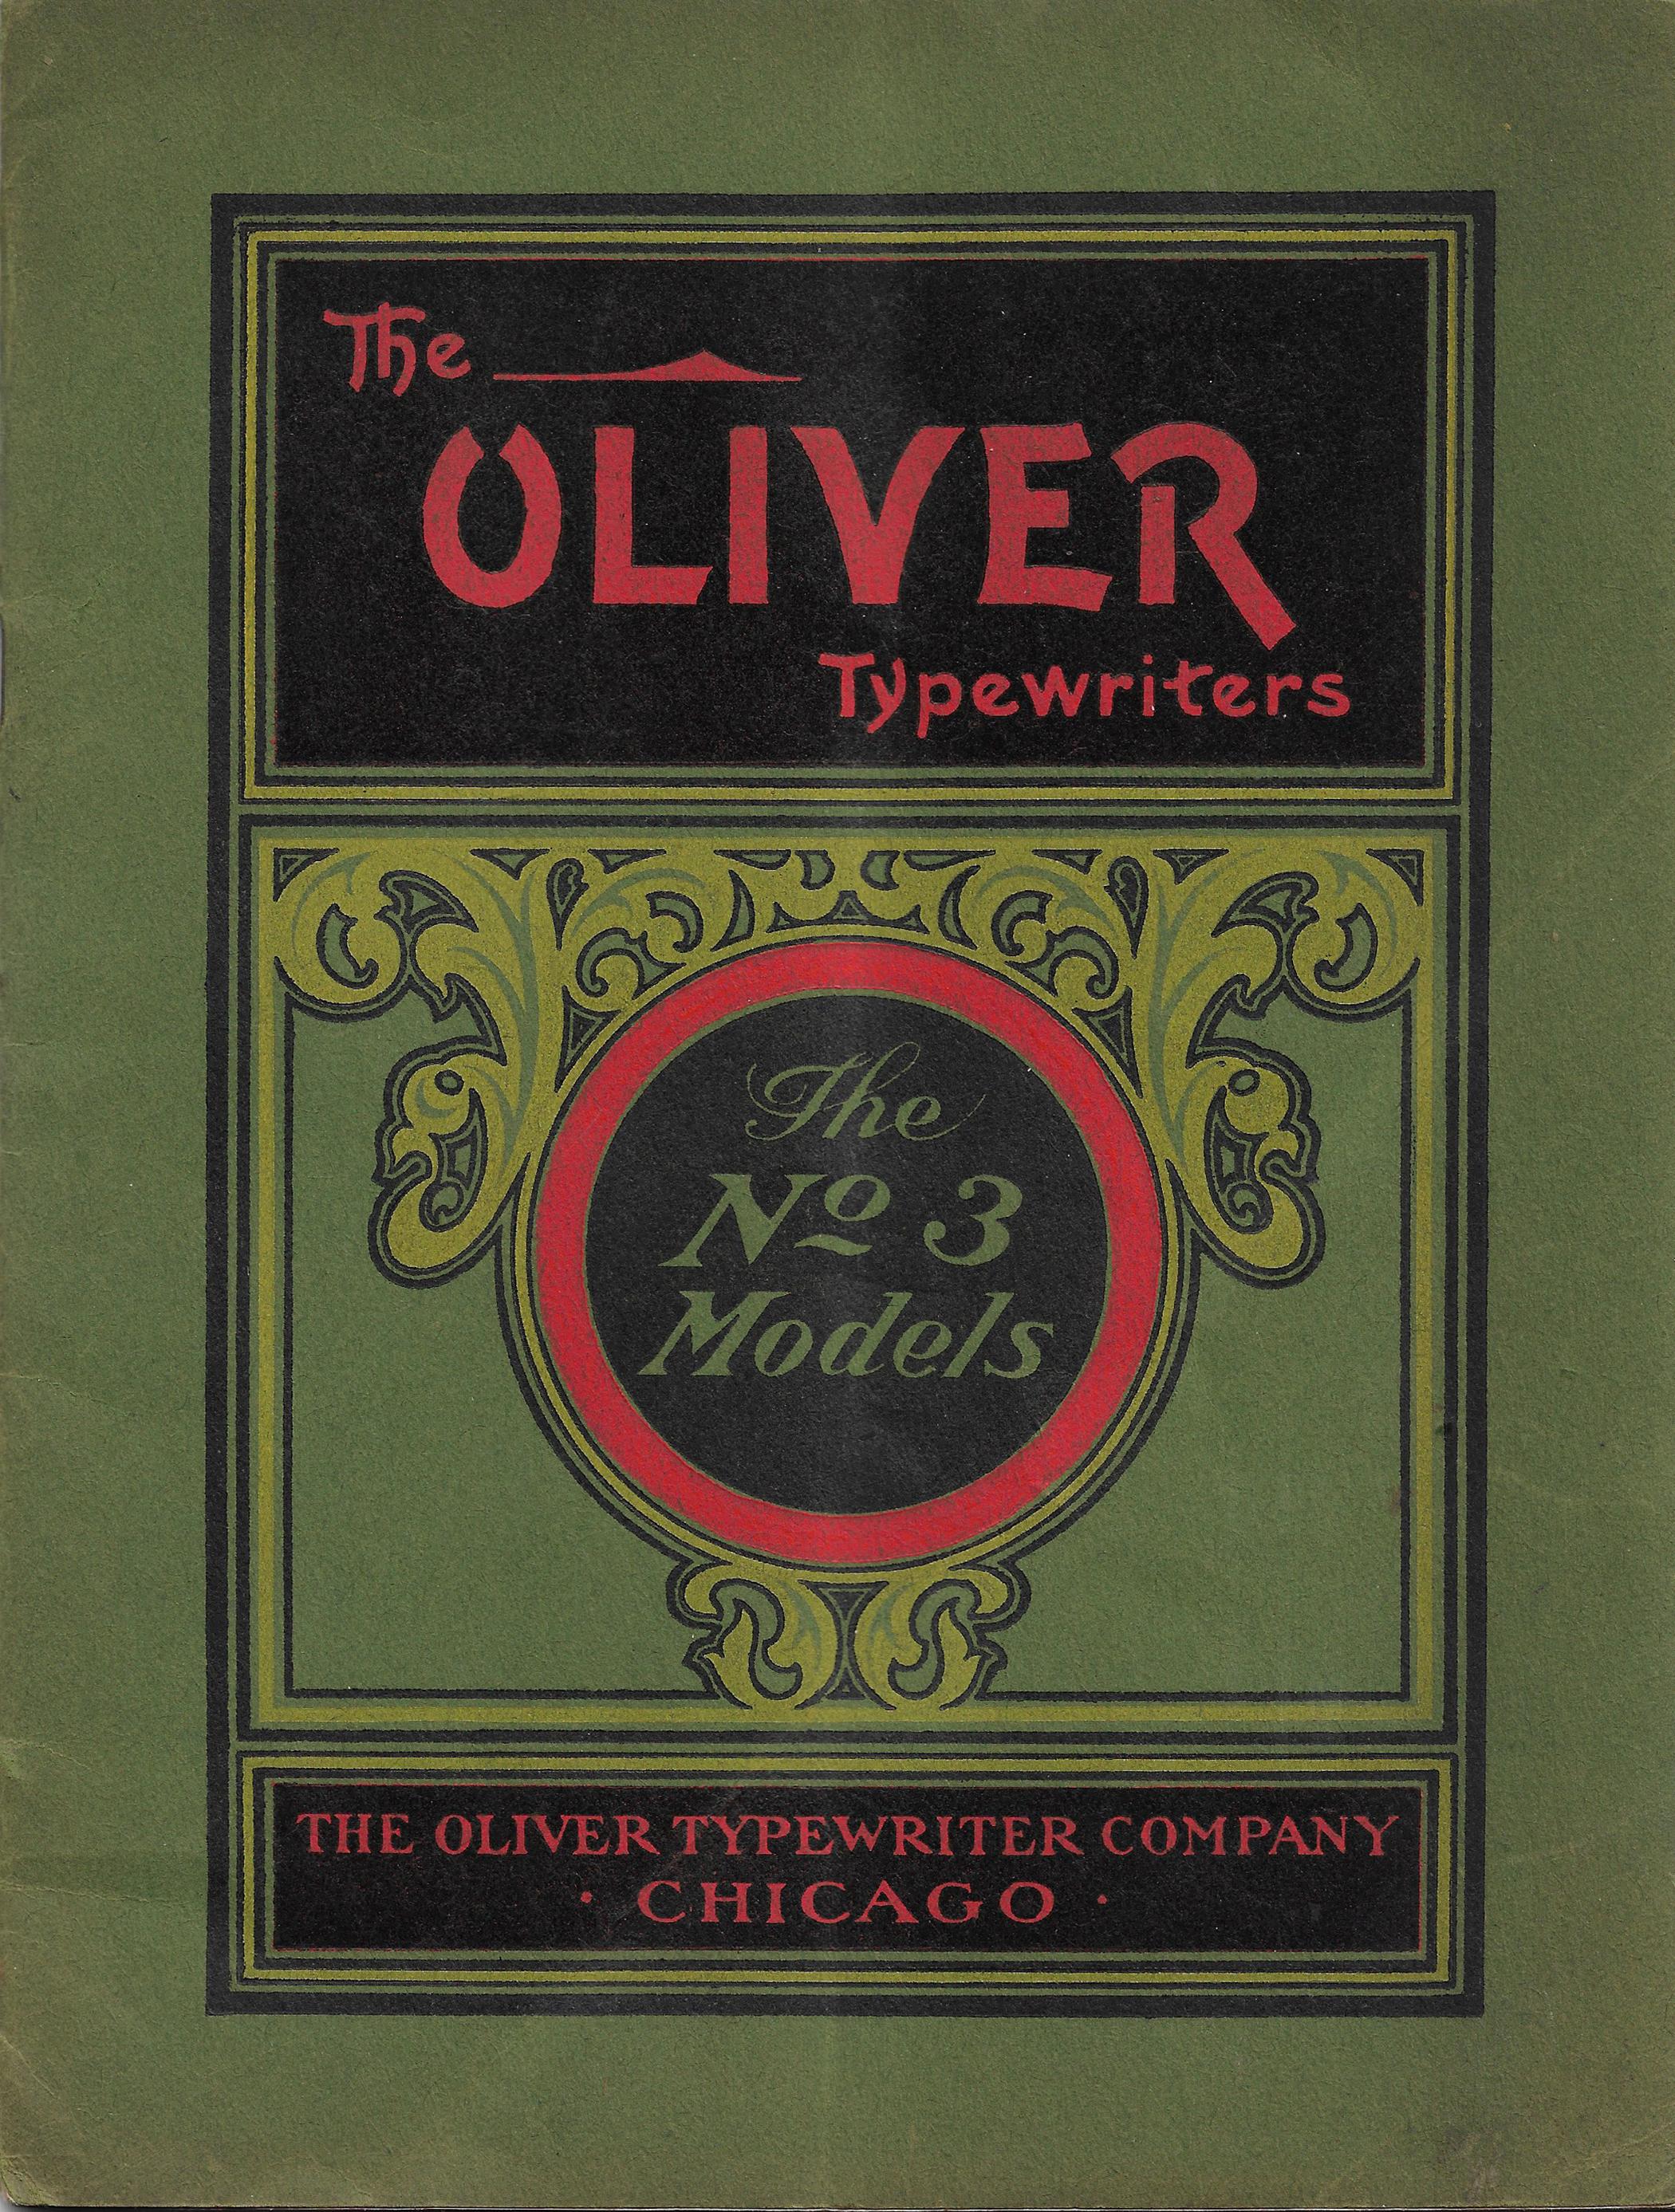 Oliver No. 3 Models